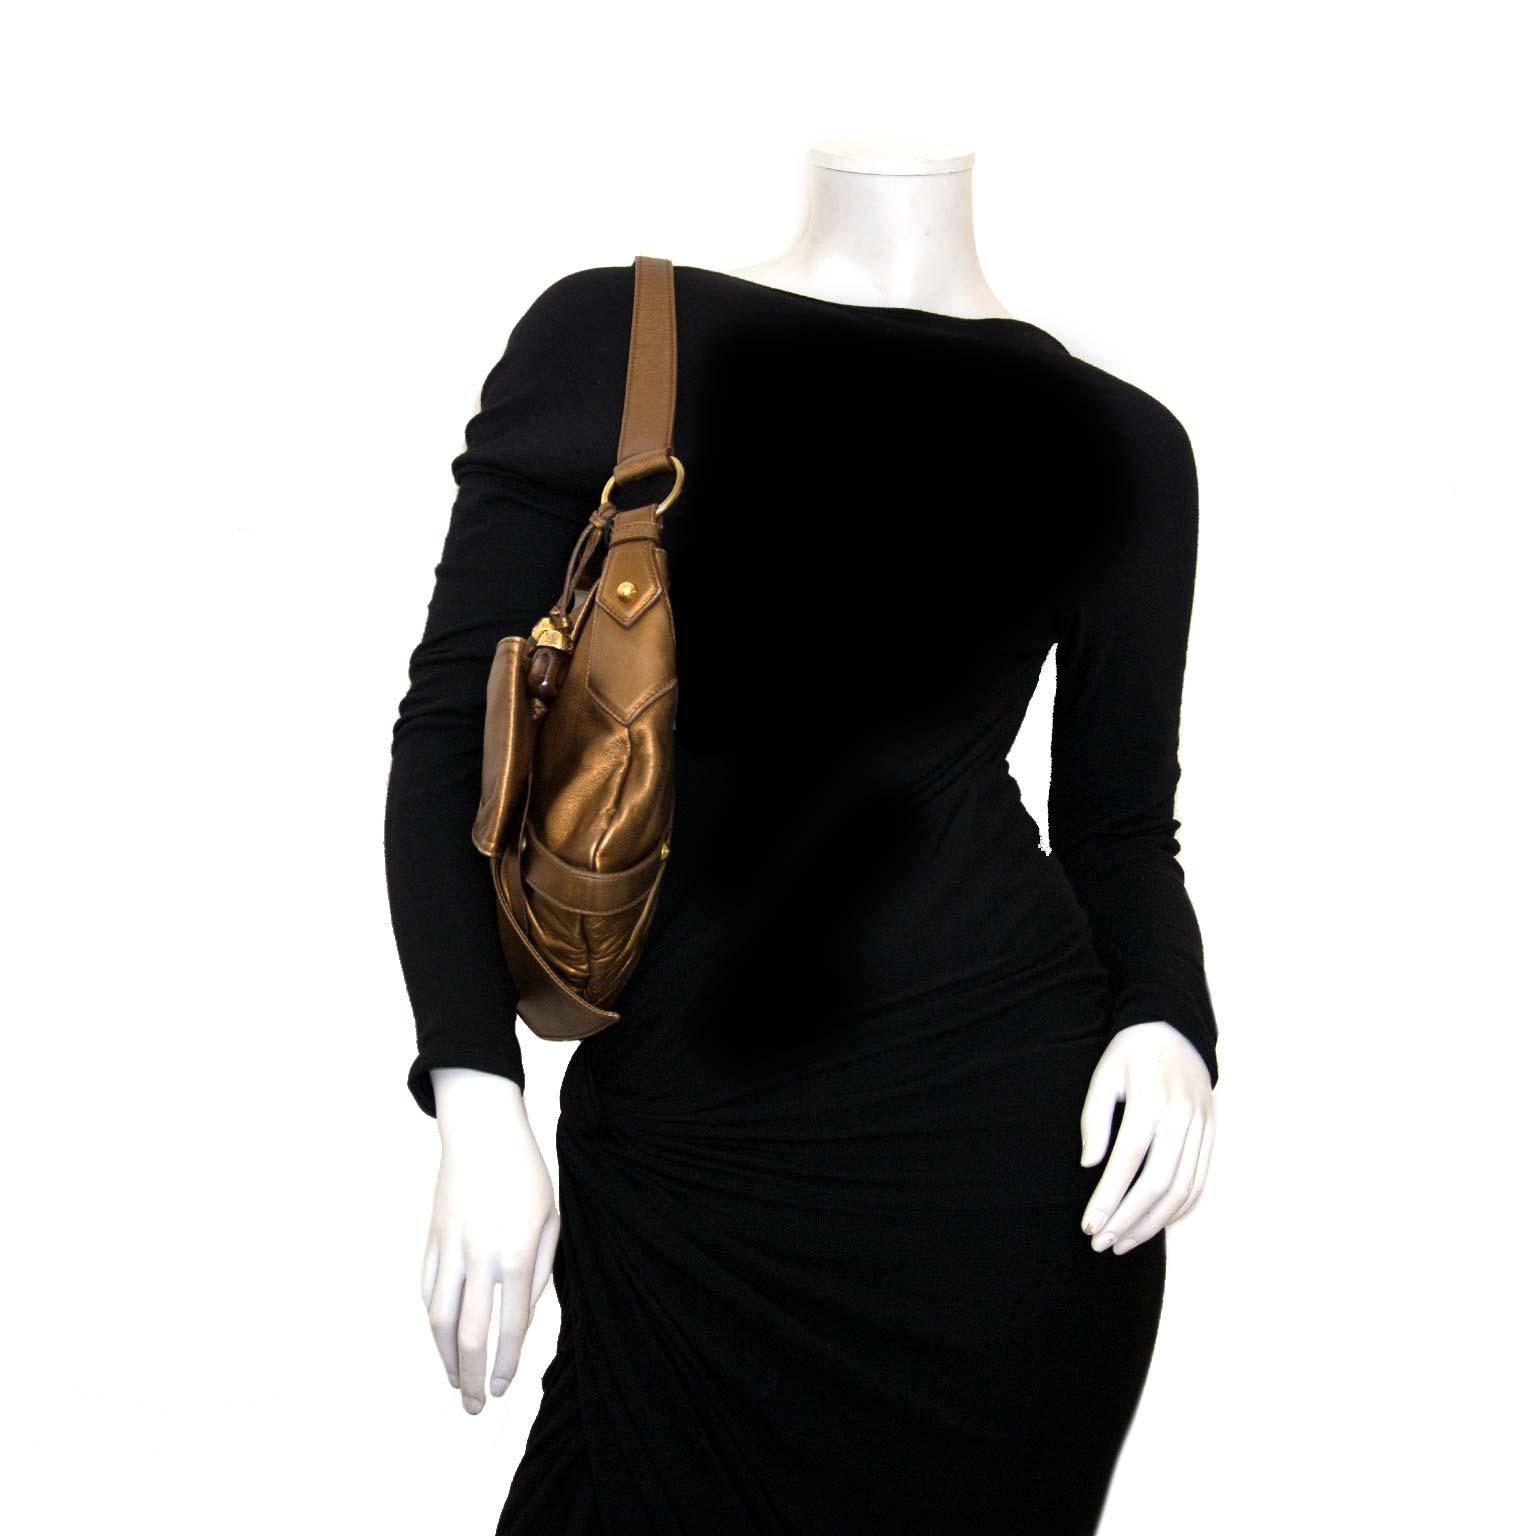 koop authentieke yves saint laurent mettalic bronze bow tas bij labellov vintage mode webshop belgië